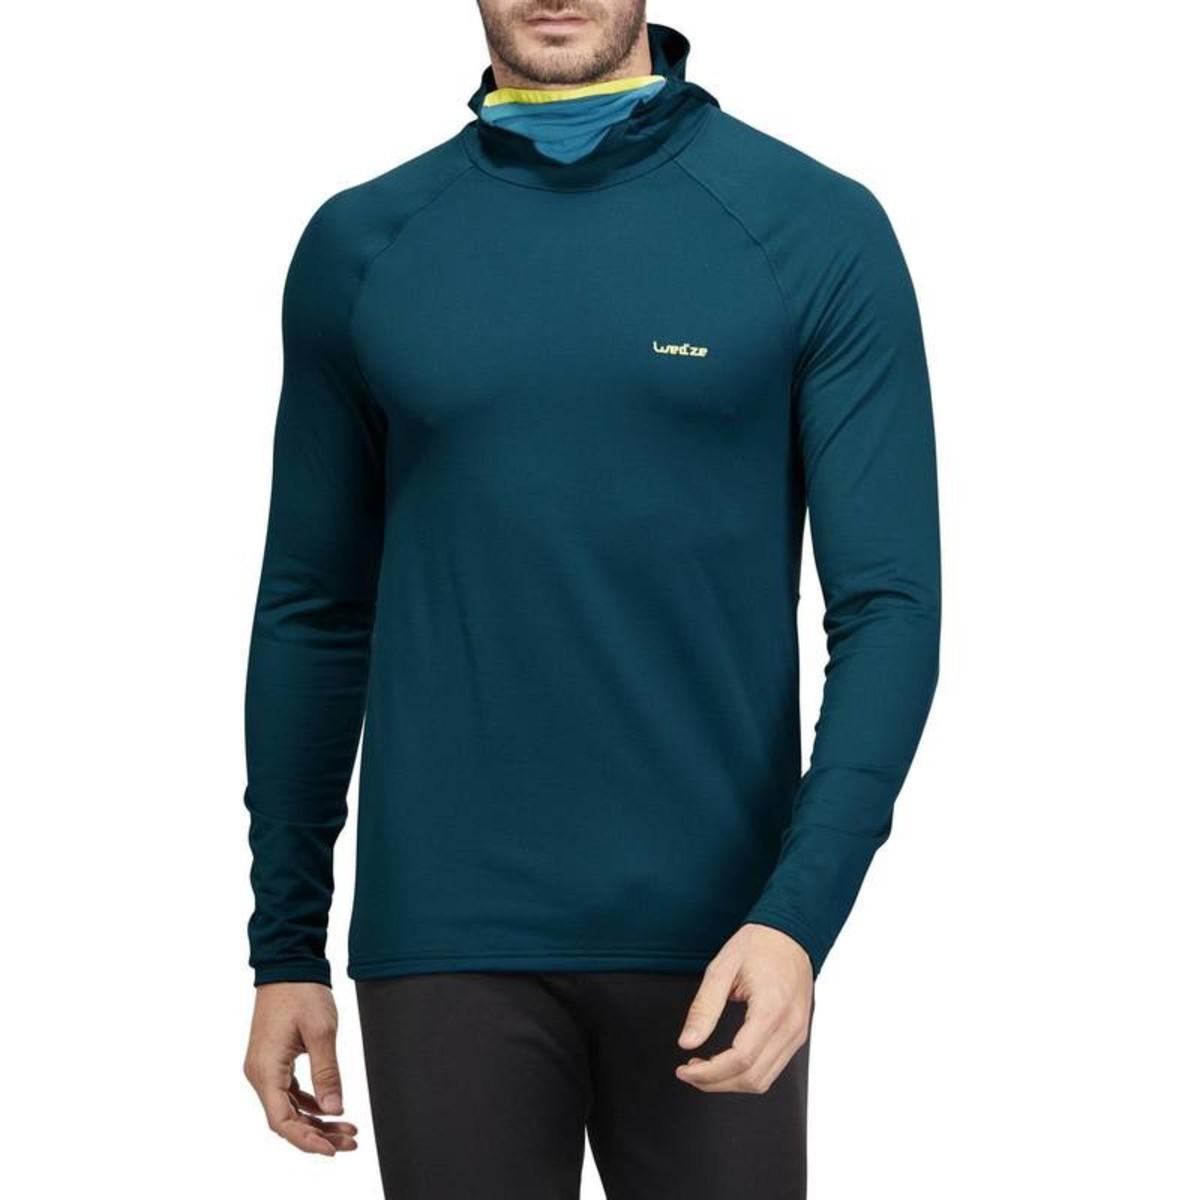 Bild 3 von WED´ZE Skiunterwäsche Funktionsshirt Freshwarm Neck Herren blau , Größe: S